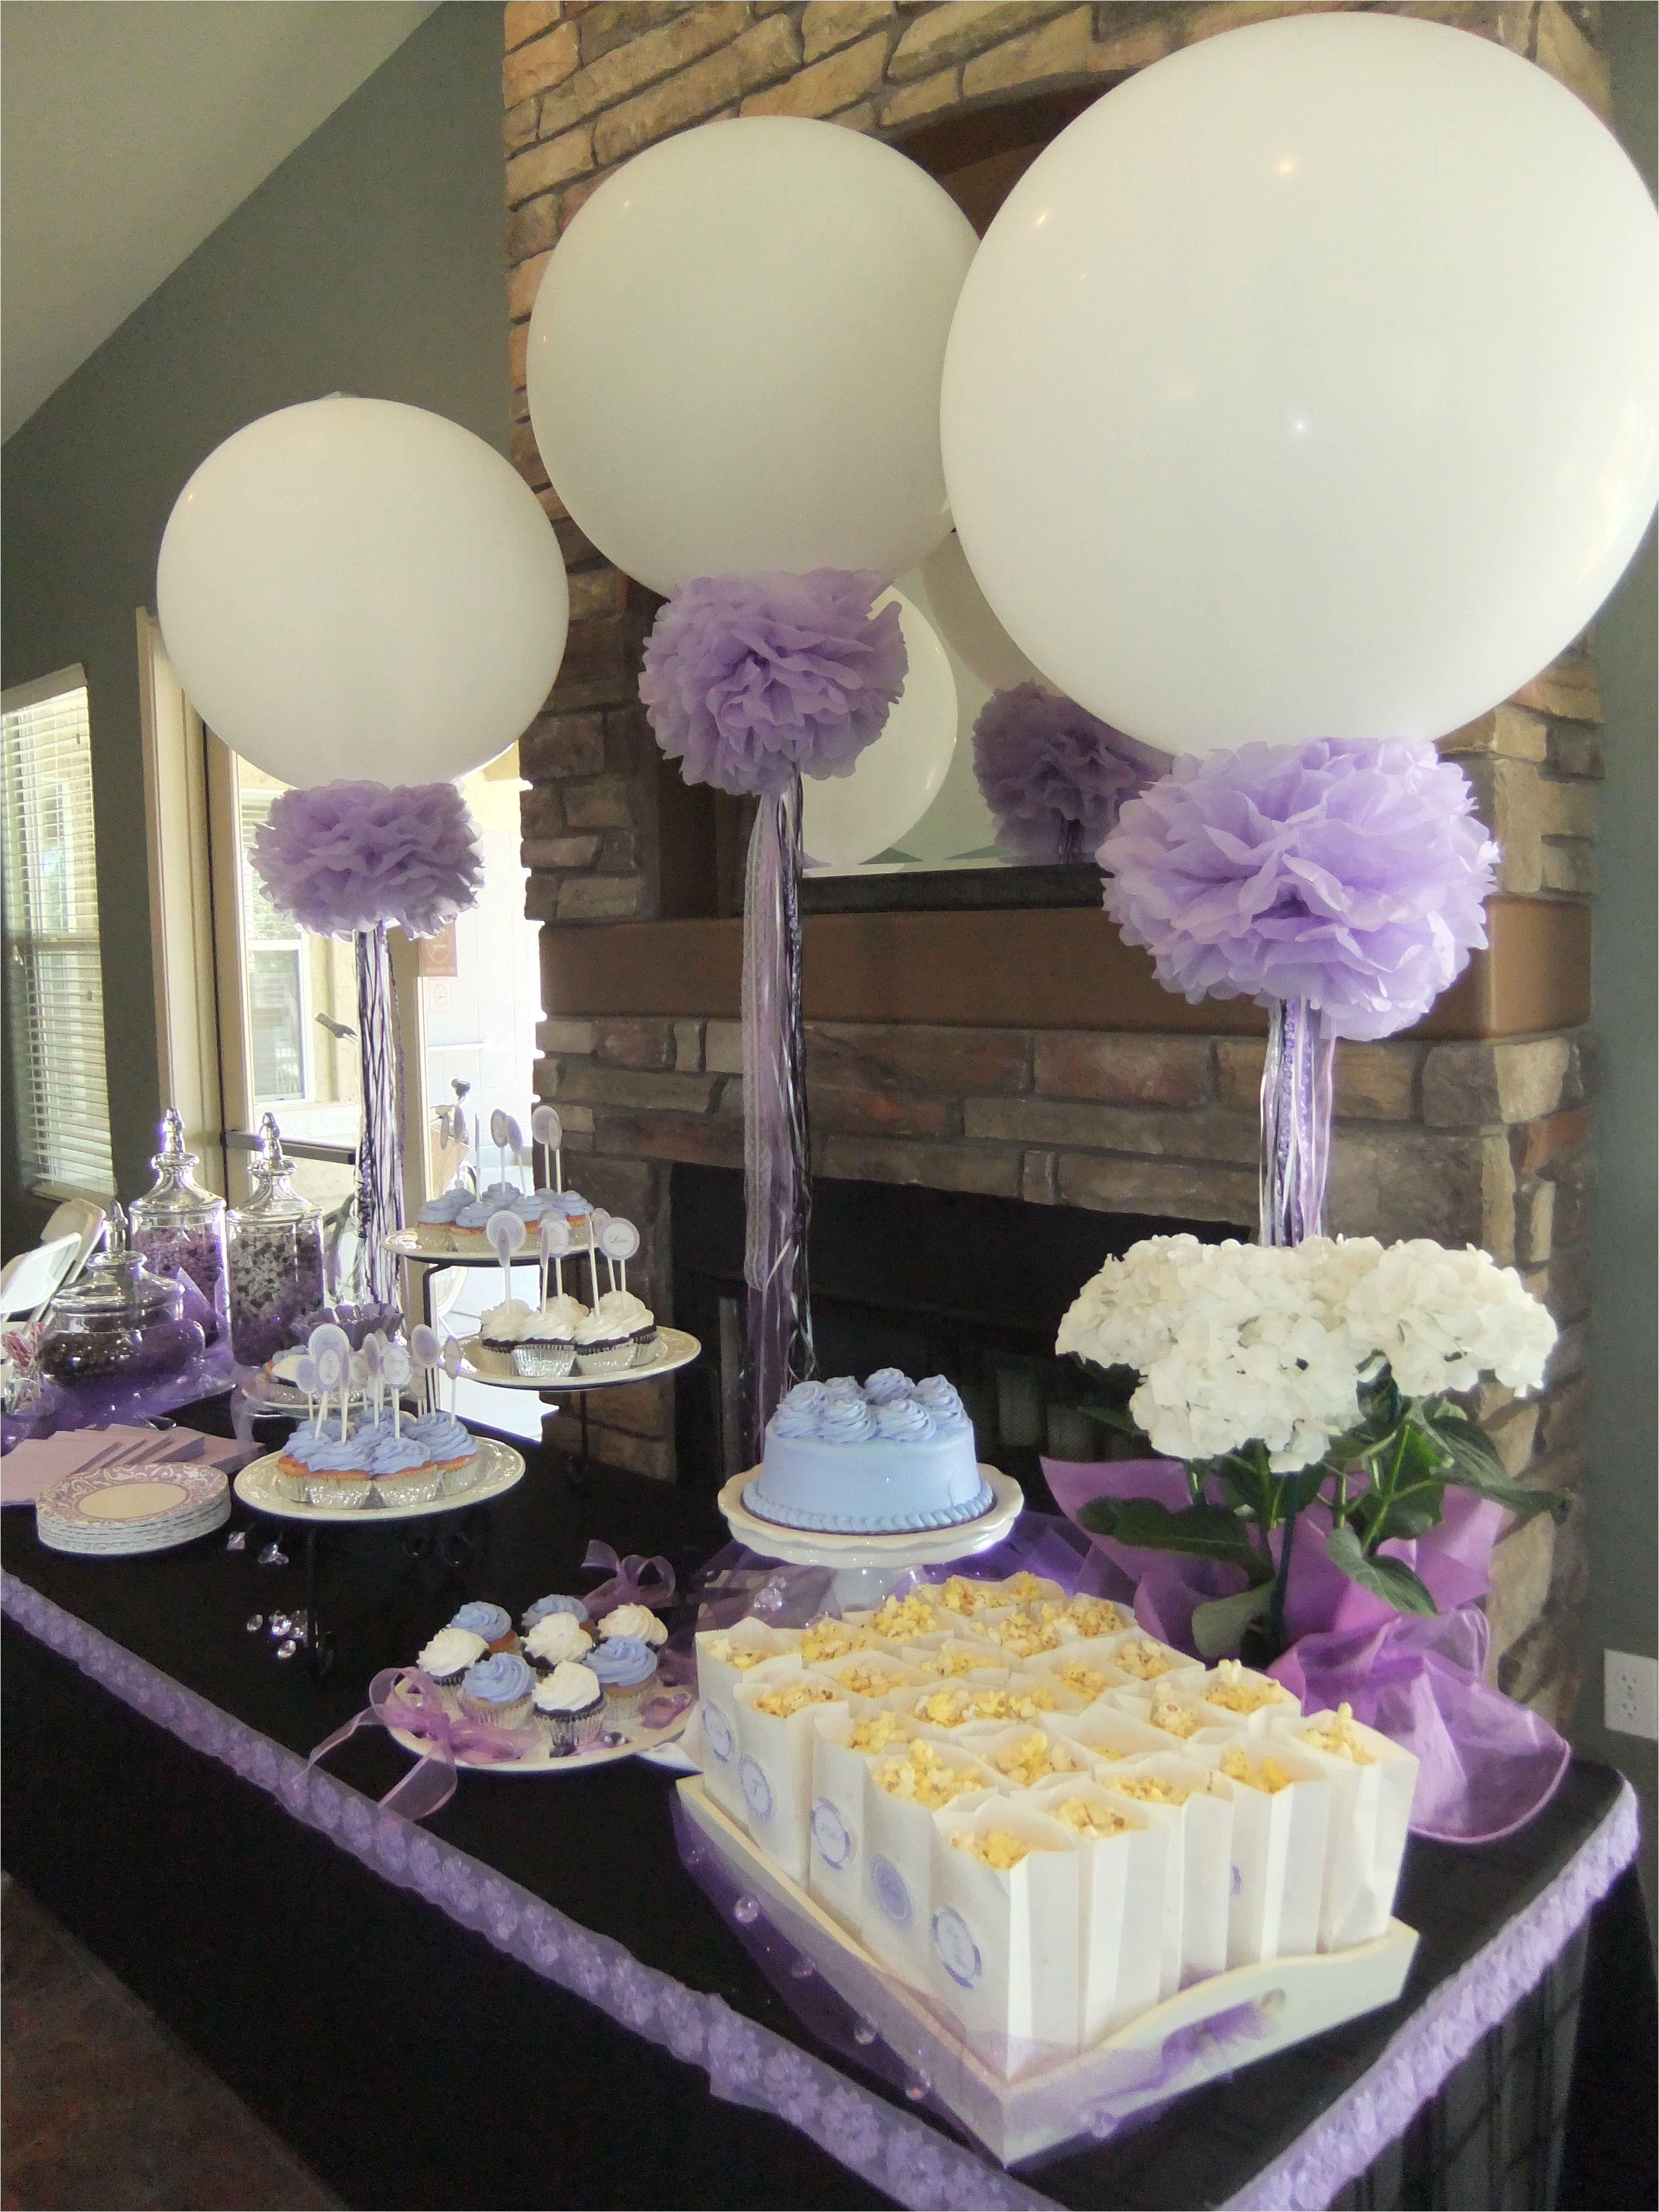 globos de 36 decorados con pompones como fondo de decoracia n de mesa de postres mesadepostres